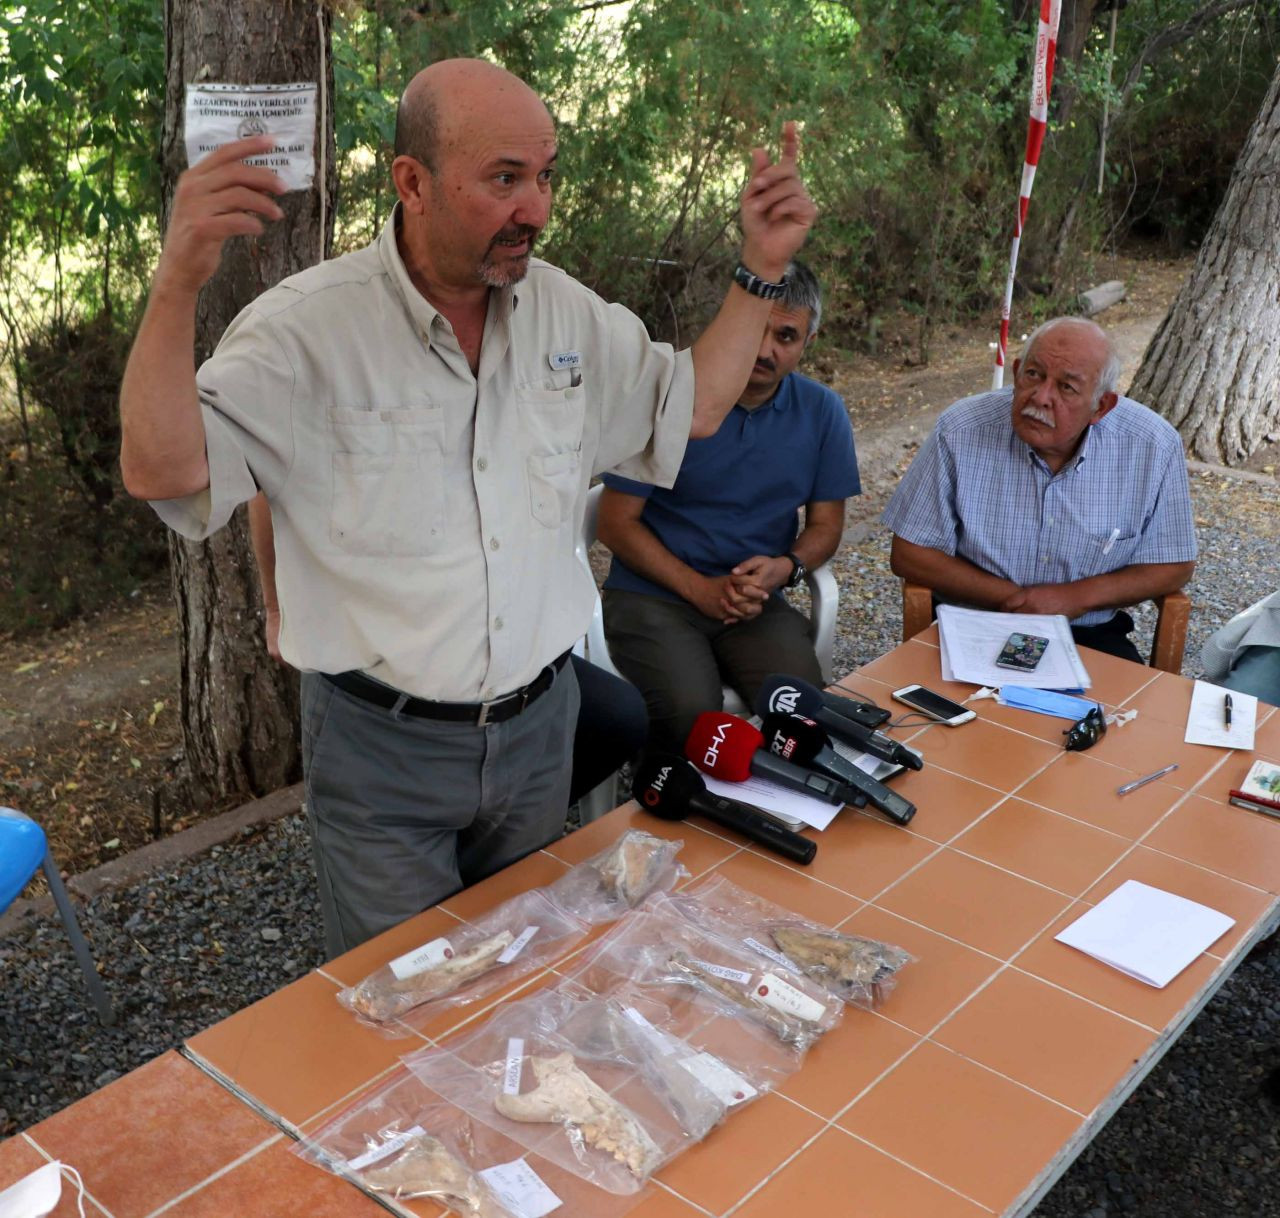 Kayseri'de 4 bin yıl öncesine ait aslan kemiği bulundu - Sayfa 1